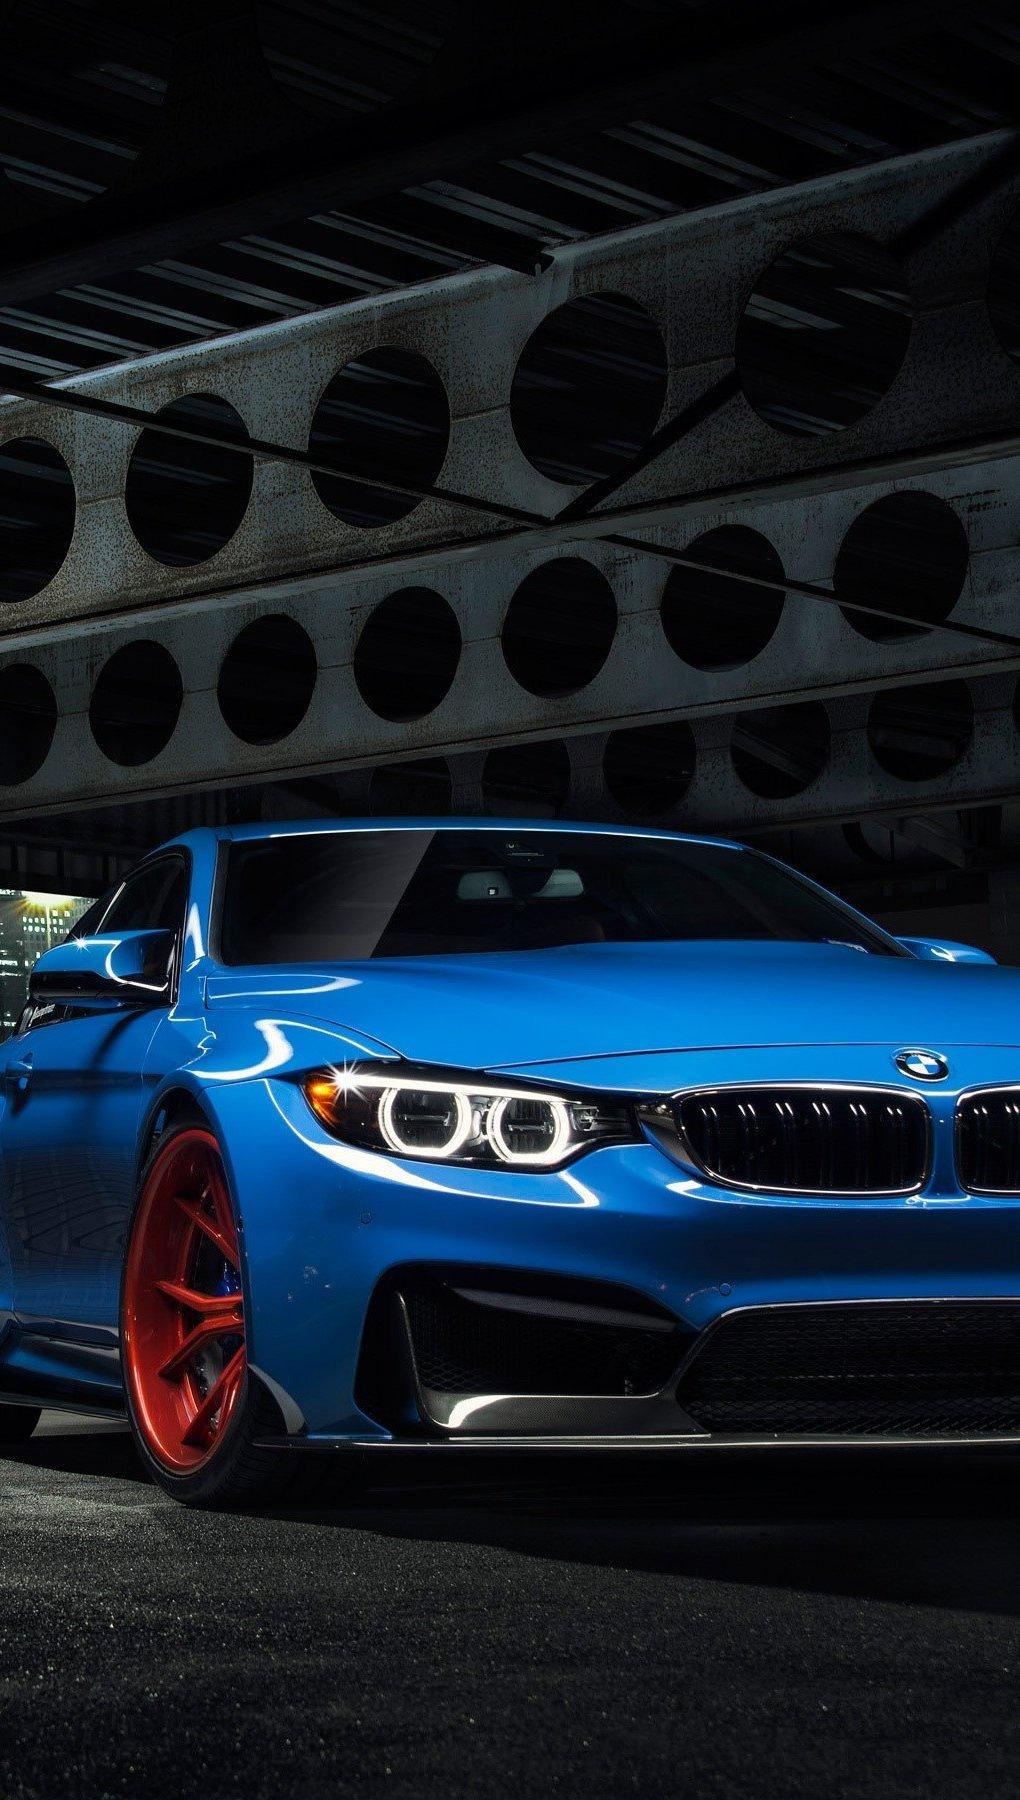 Wallpaper Vorsteiner BMW YAS Marina ble GTRS4 Anniversary edition Vertical